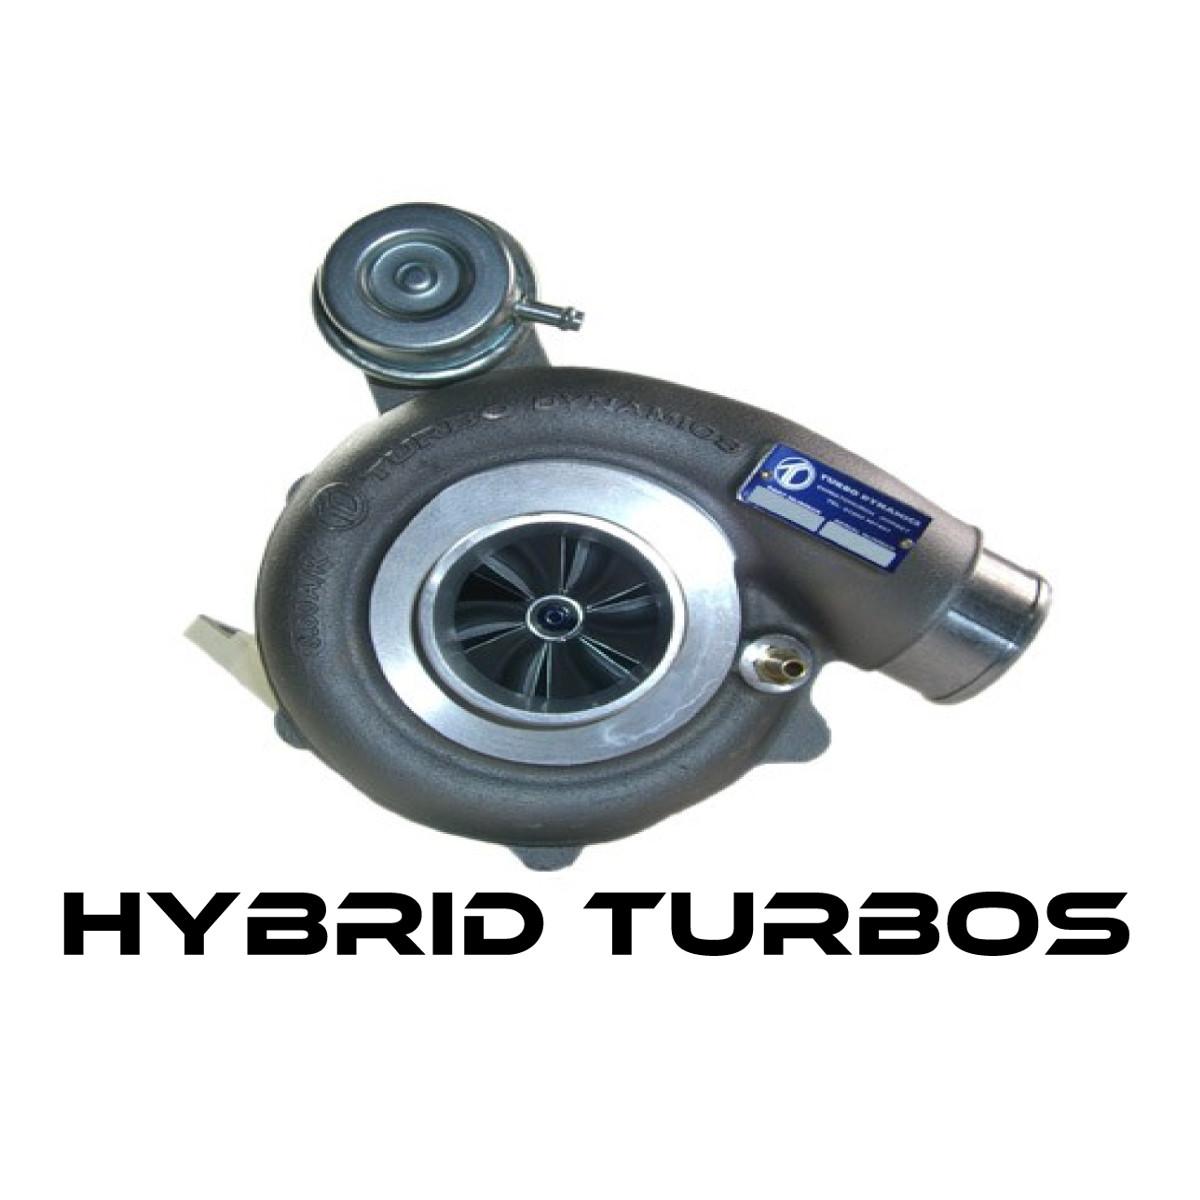 HYBRID TURBOS